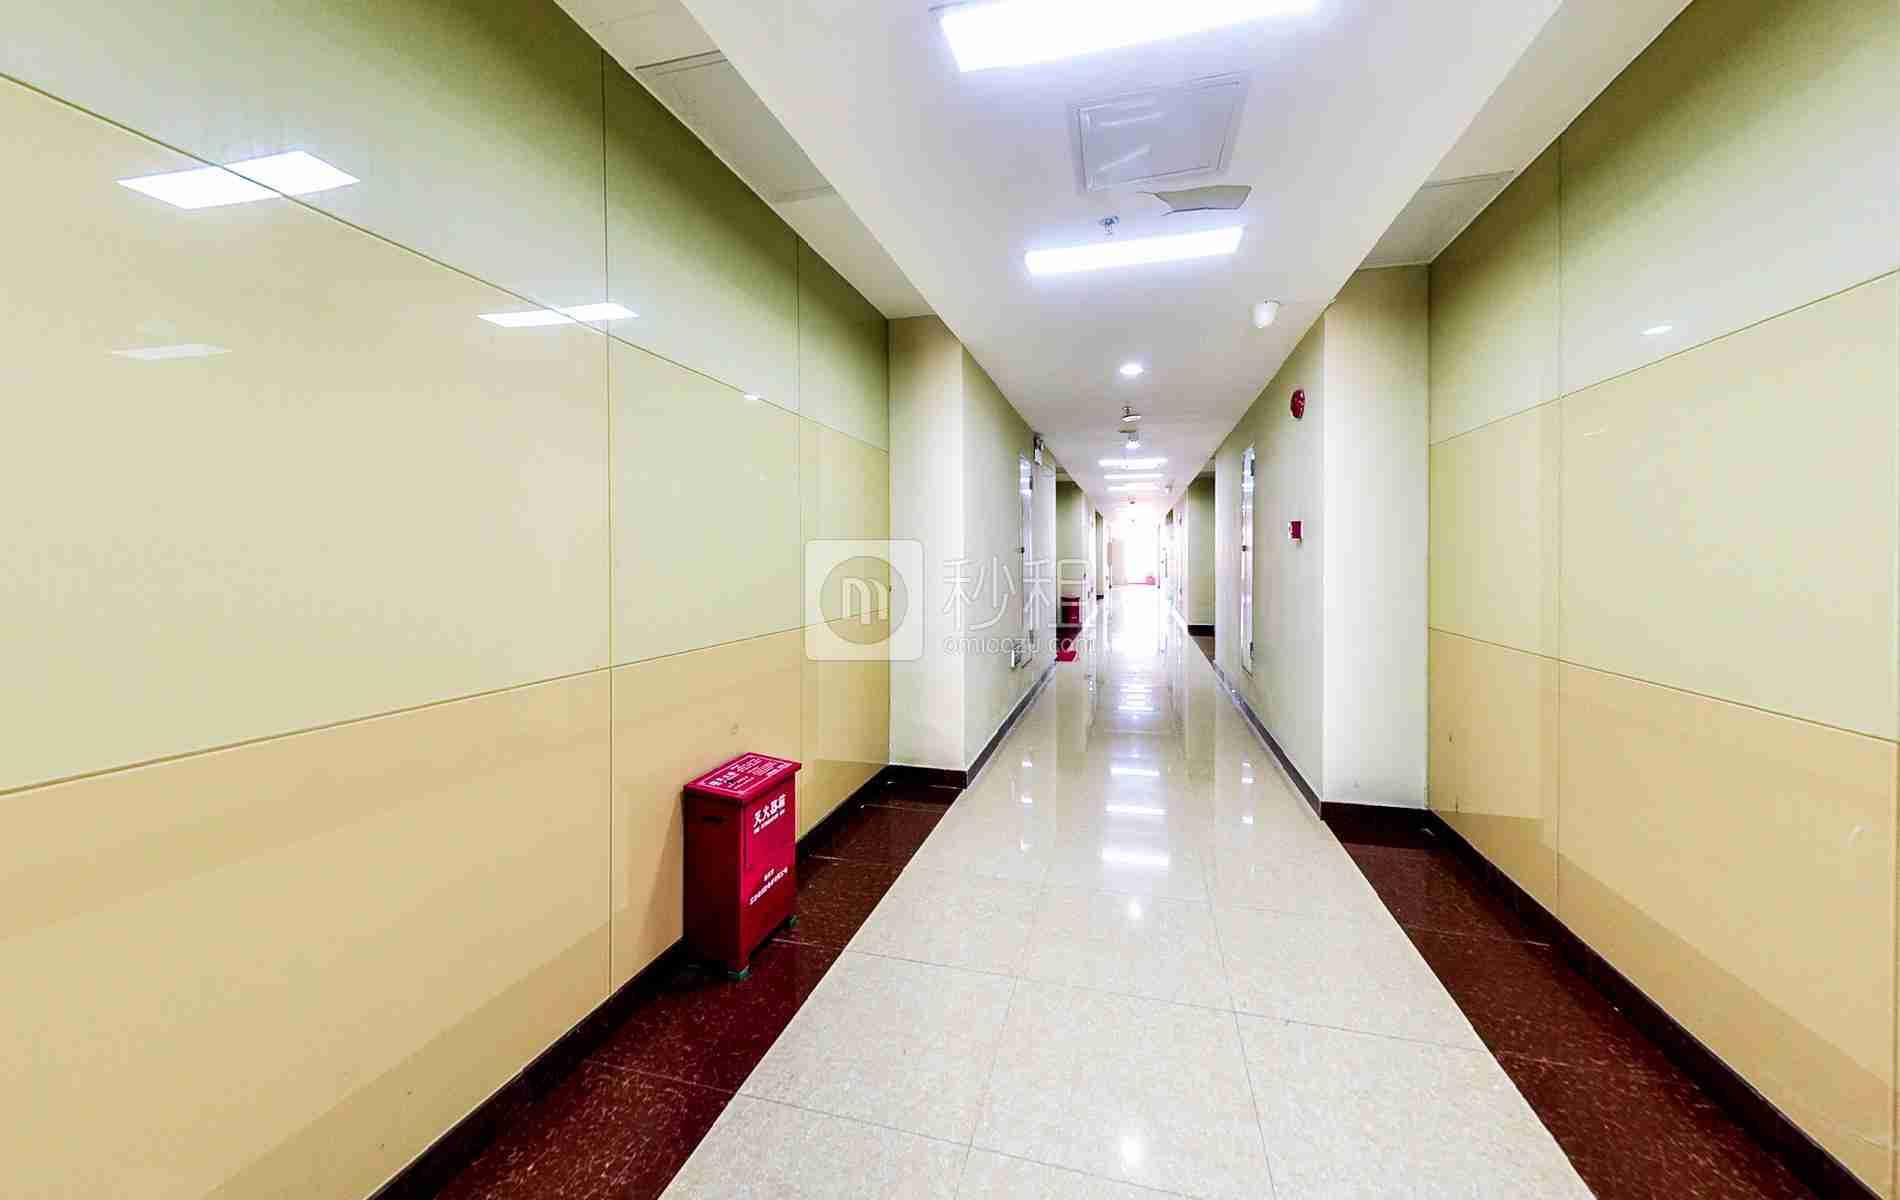 汇尚厦投资大厦写字楼出租/招租/租赁,汇尚厦投资大厦办公室出租/招租/租赁